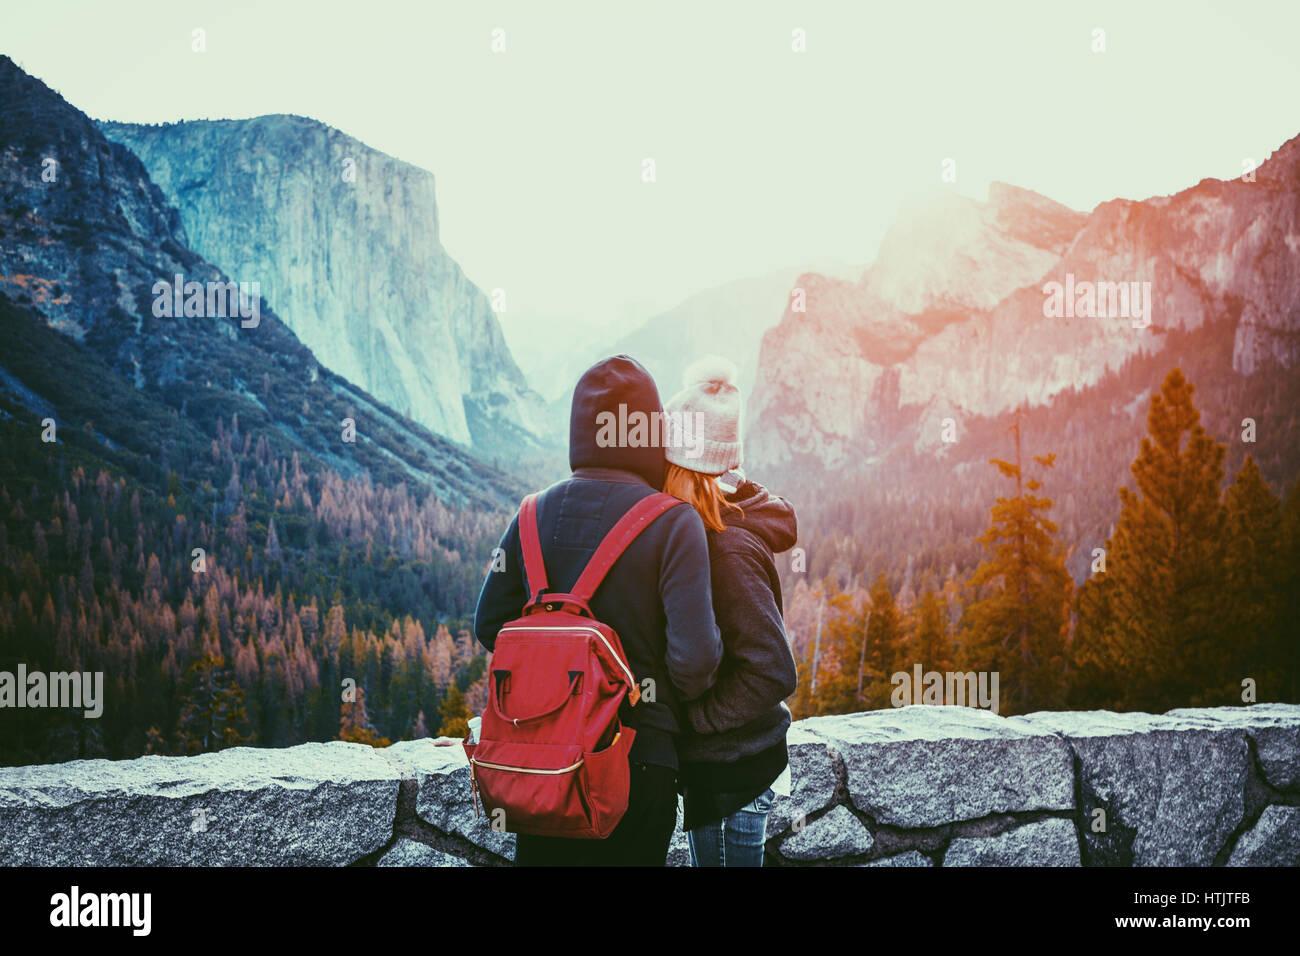 Vista romántica de una pareja joven, disfrutando de la famosa vista de túnel en la luz de la mañana de oro hermoso amanecer en el valle de Yosemite en verano, California, EE.UU. Foto de stock